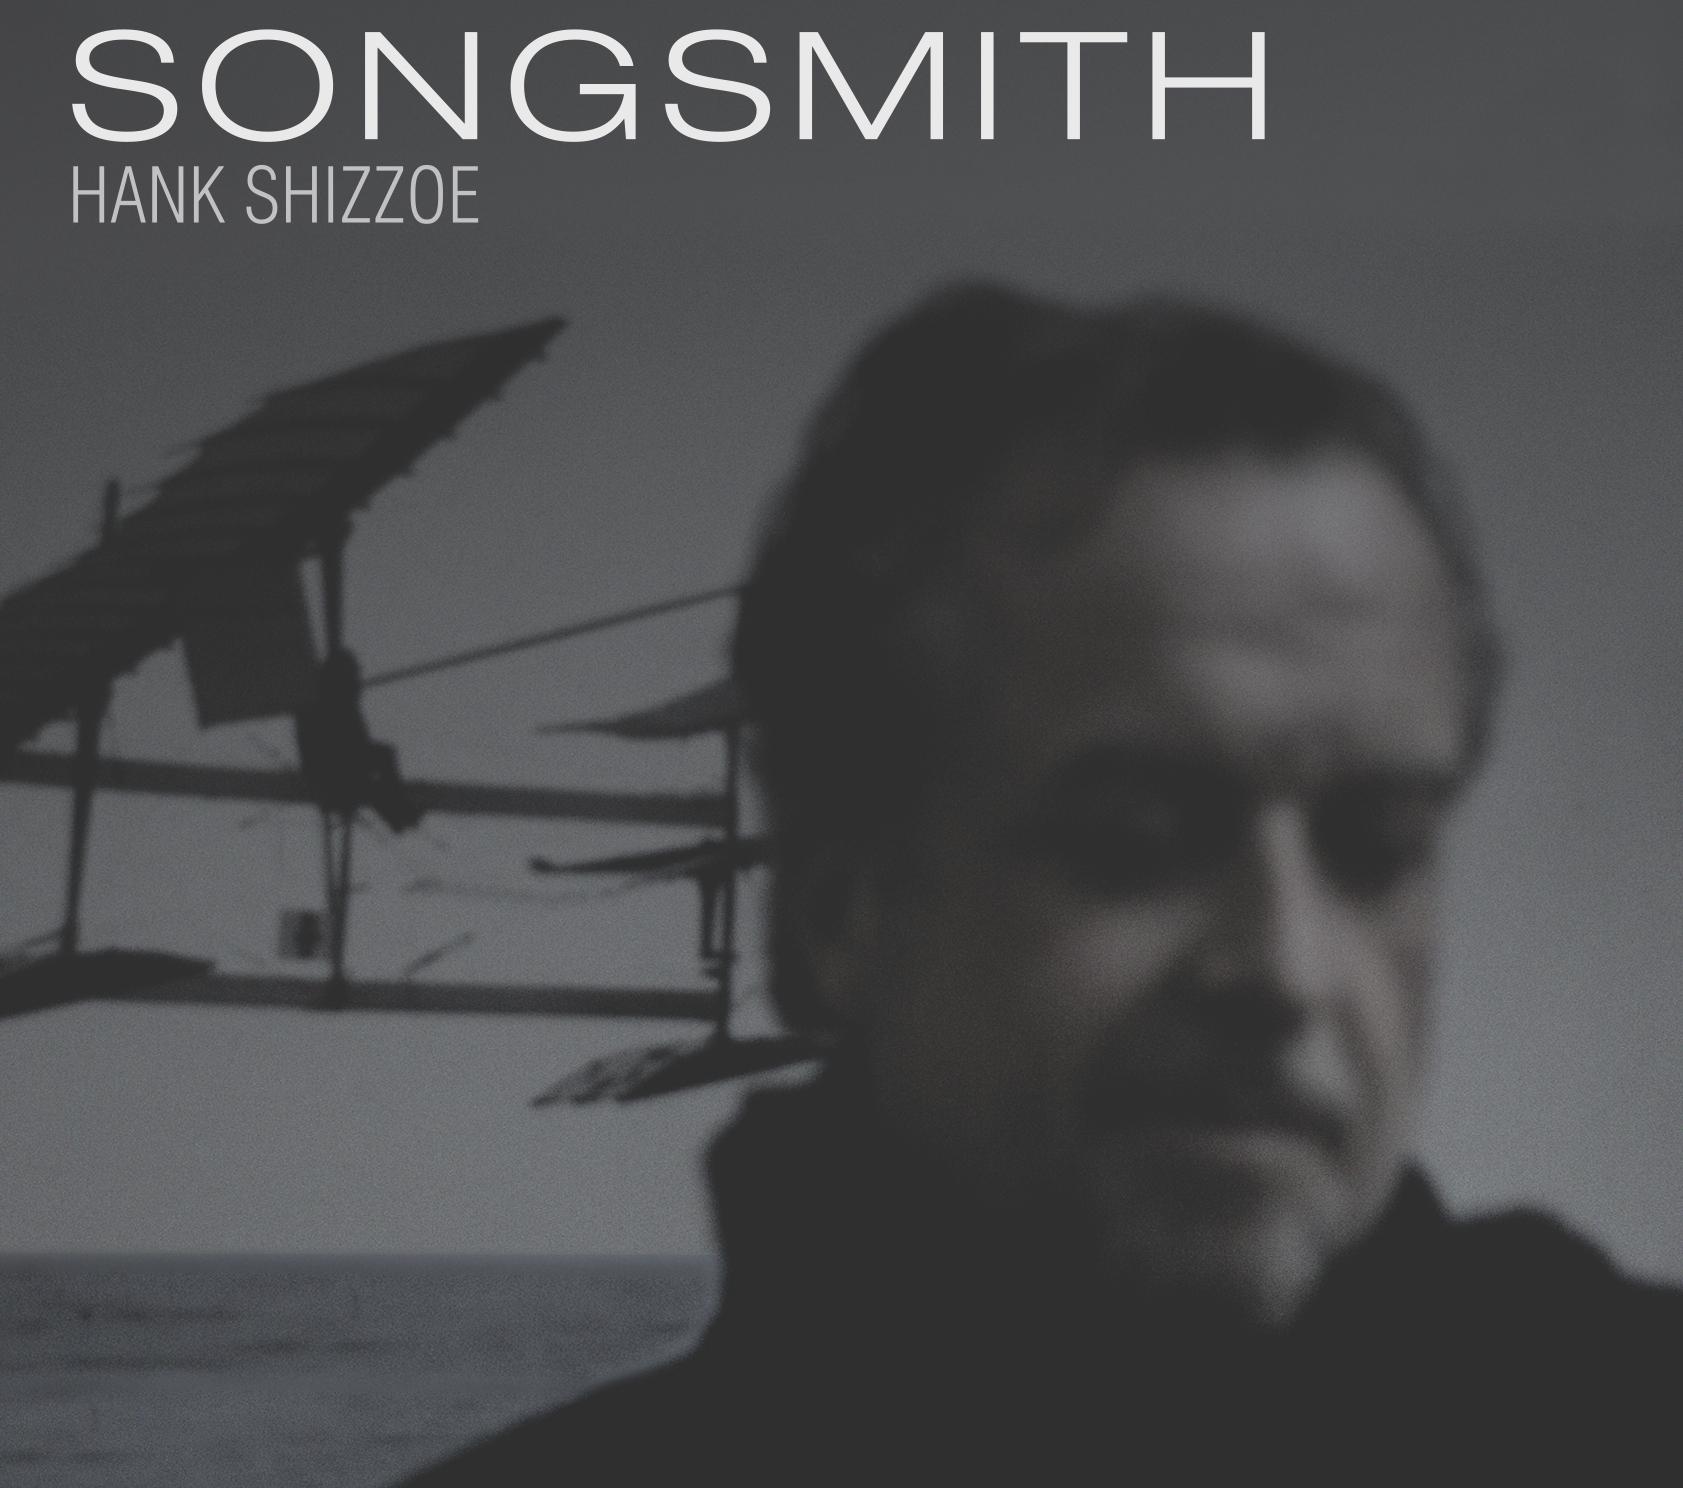 Hank Shizzoe Songsmith